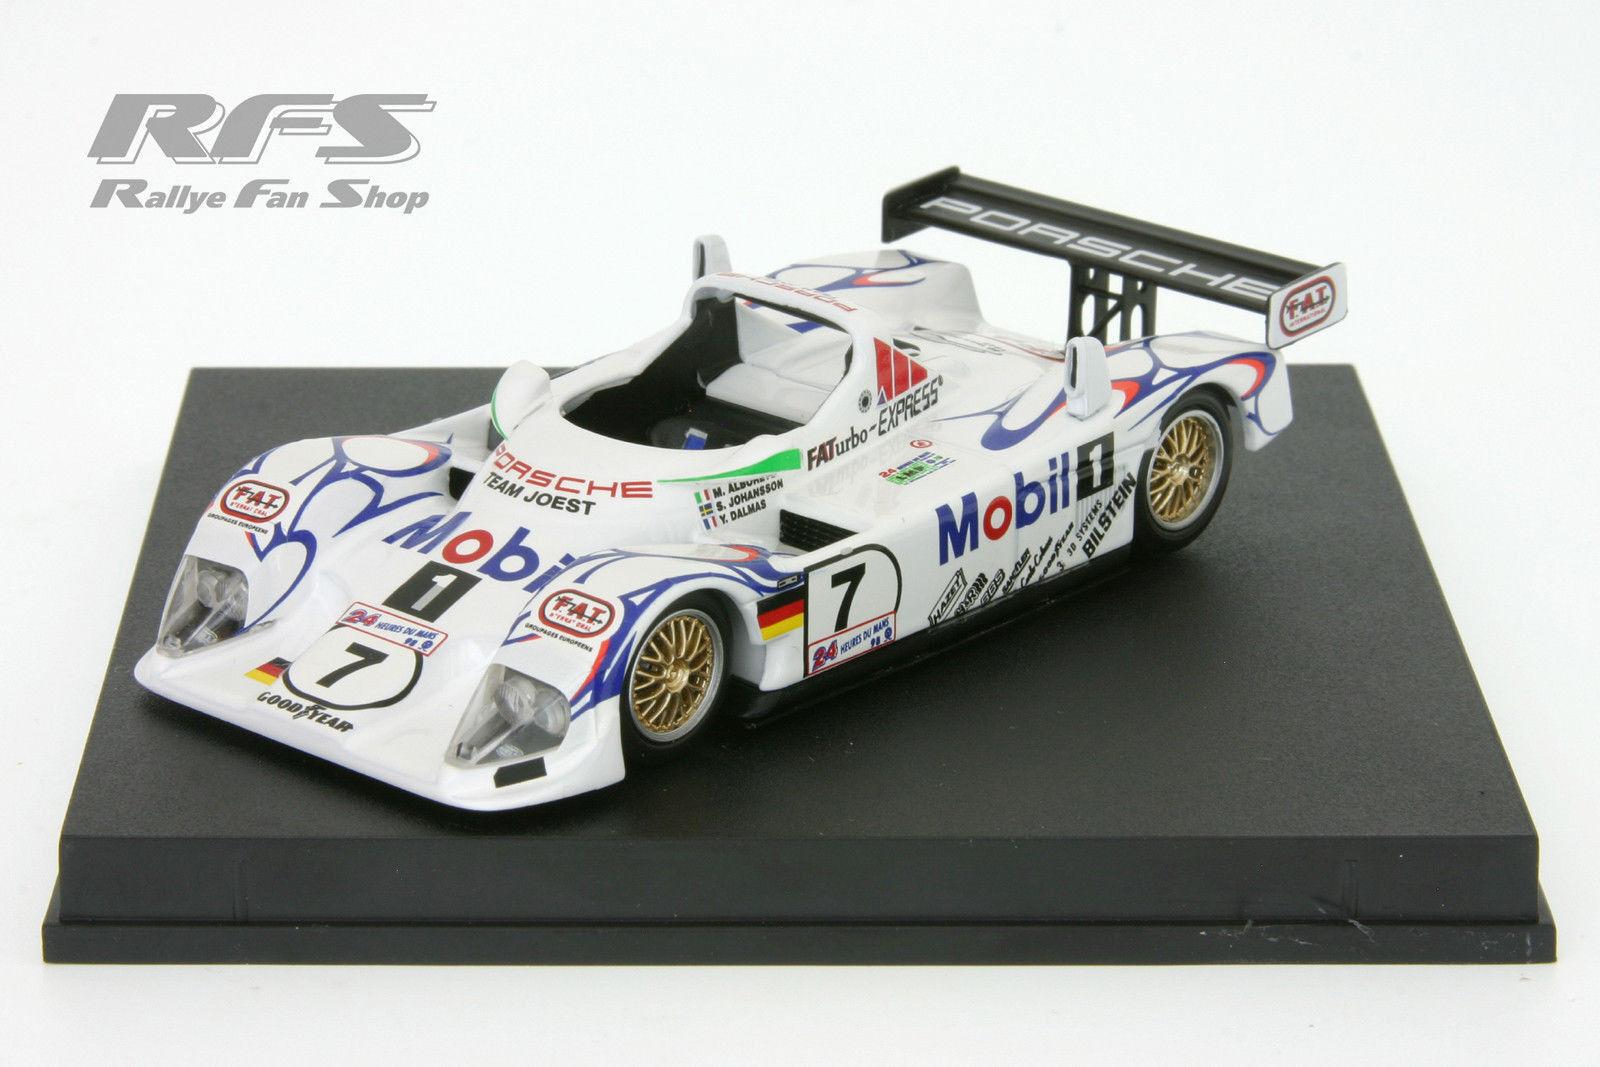 barato 1 43 Porsche lmp1 935 - - - 3.2l - johansson dalmas 24h le mans 1998-Trofeu 1303  tienda hace compras y ventas